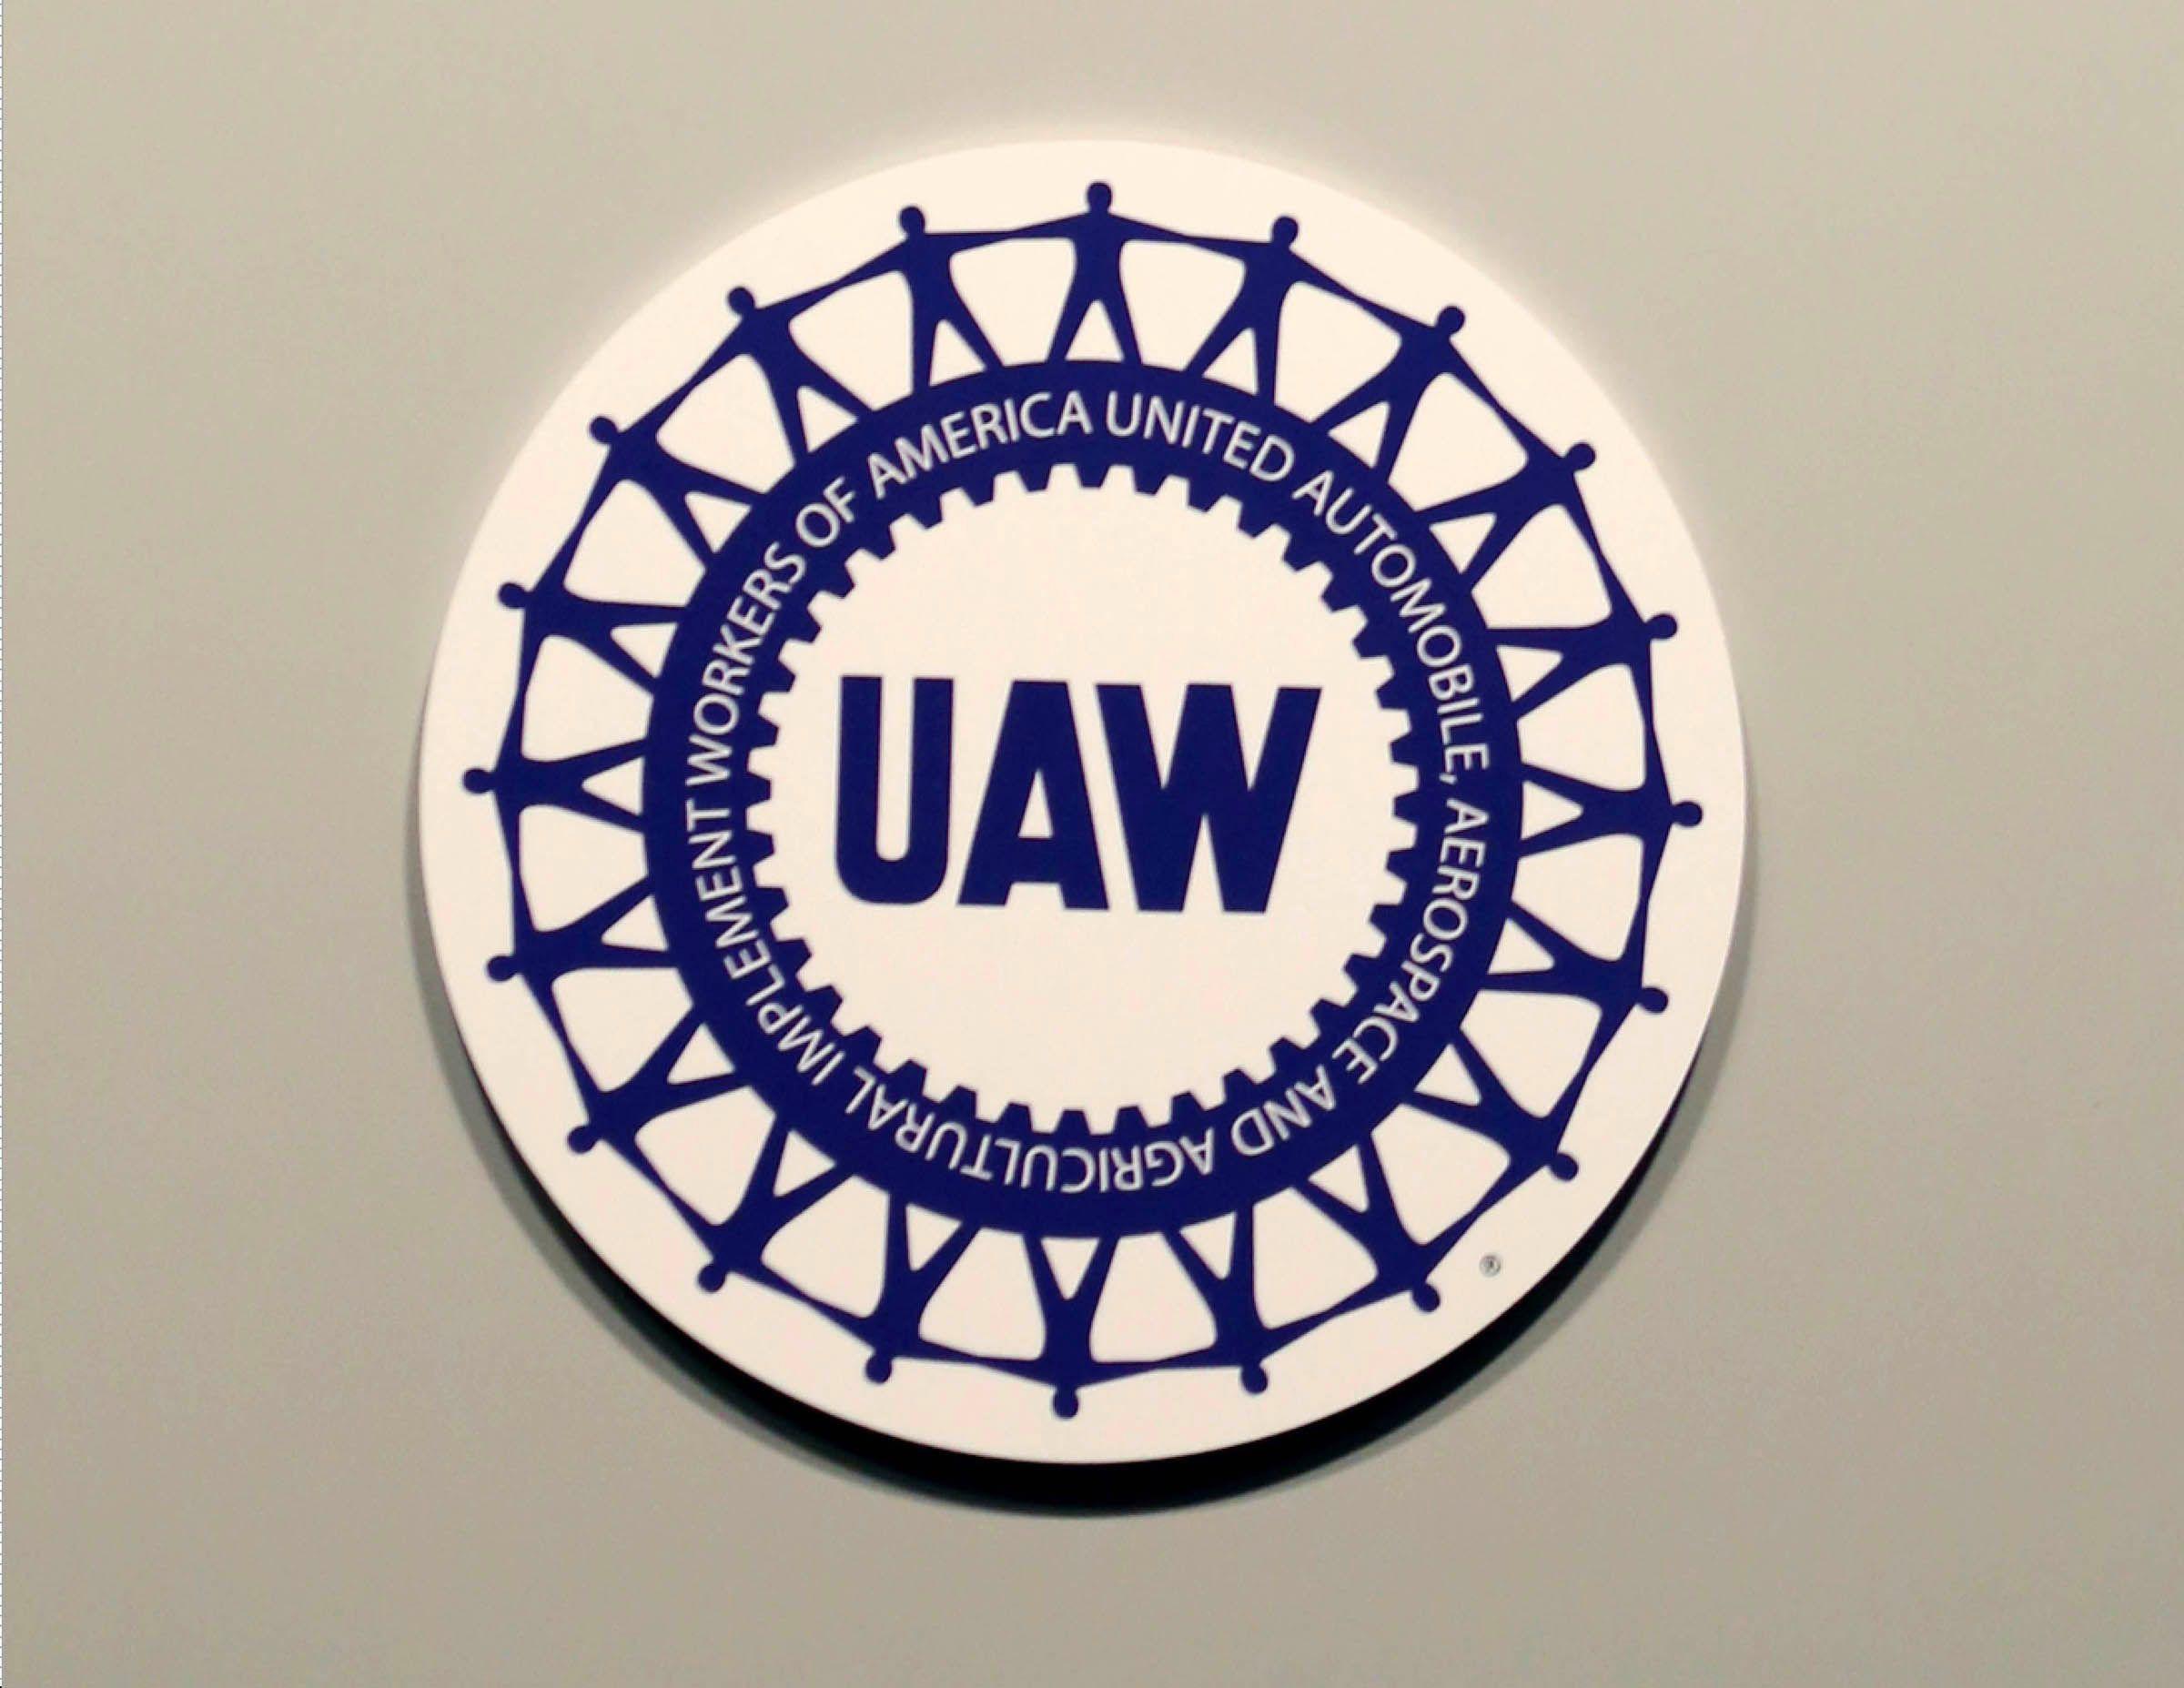 UAW authorizes strike